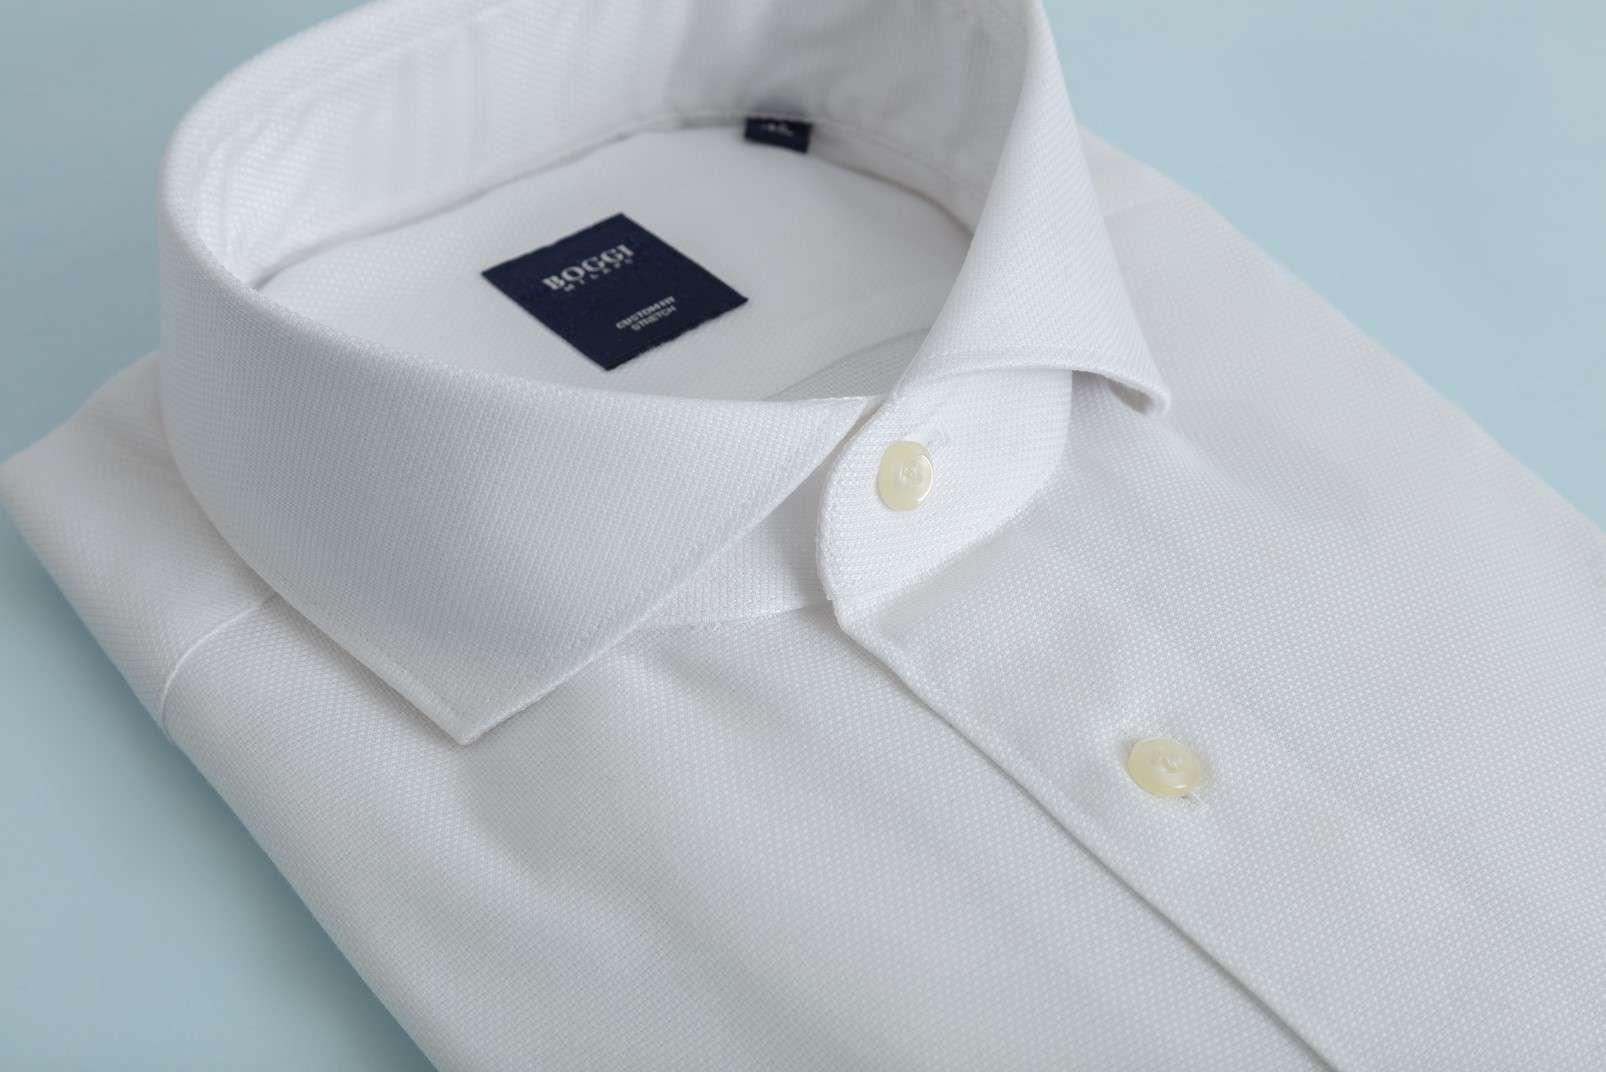 Boggi Milano shirt - Napoli collar